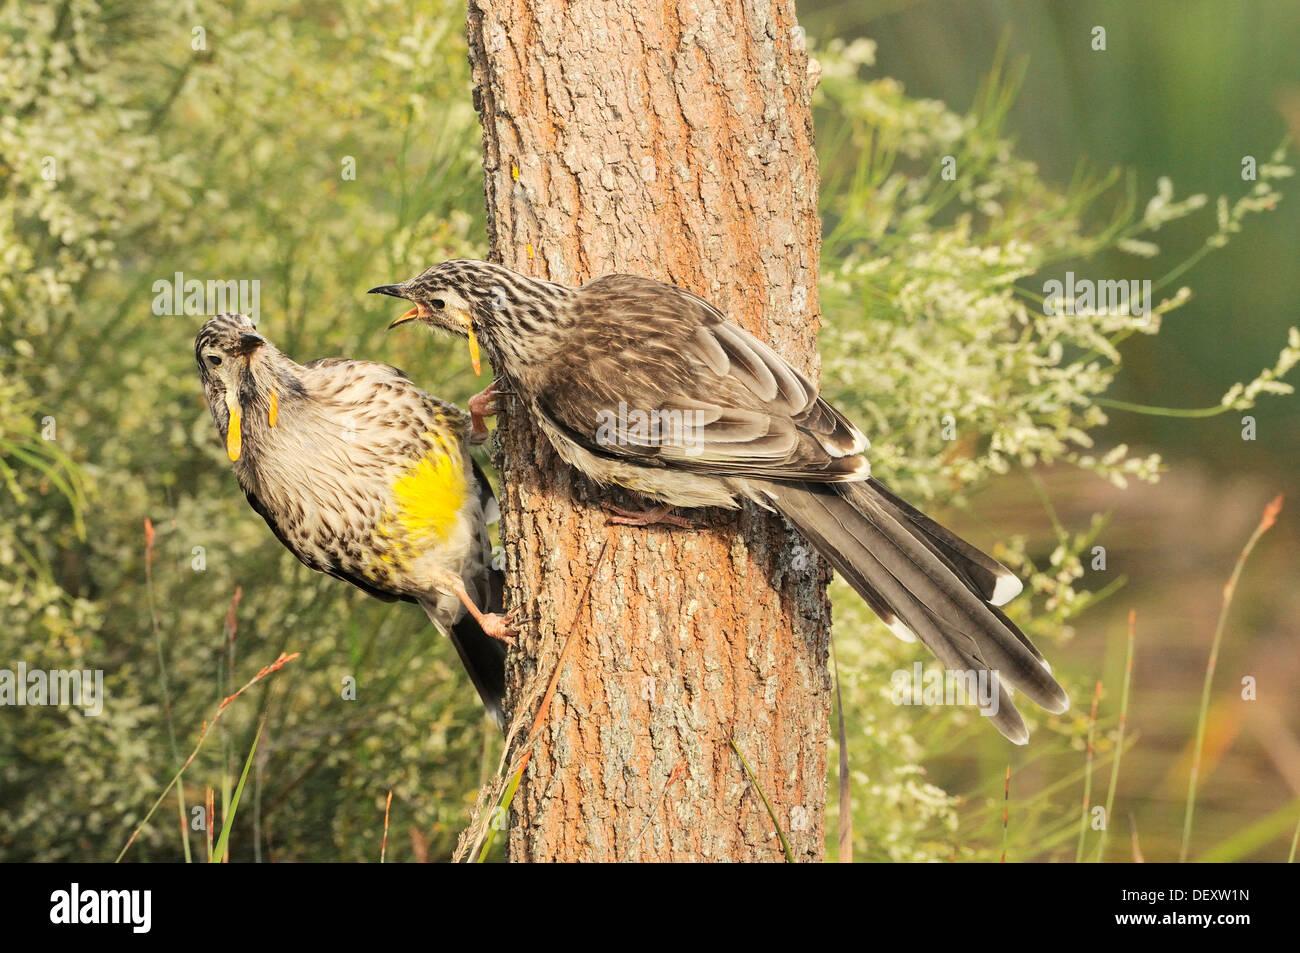 Yellow Wattlebird Anthochaera paradoxa Endemic to Tasmania Photographed in Tasmania, Australia - Stock Image